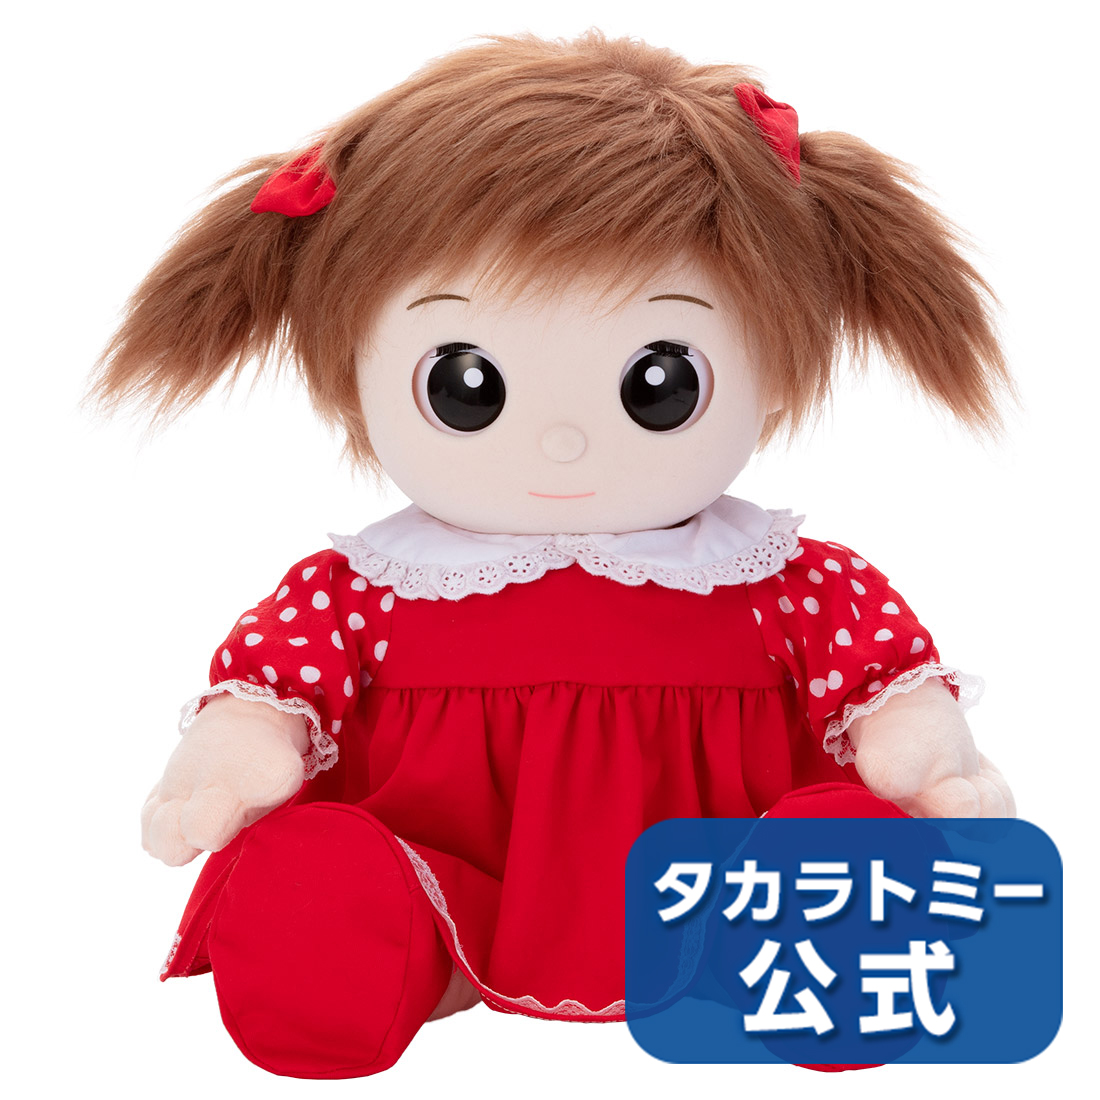 2020年4月2日発売タカラトミー公式店5500円以上購入で送料無料 人気ブレゼント おすすめ特集 夢の子ハナ